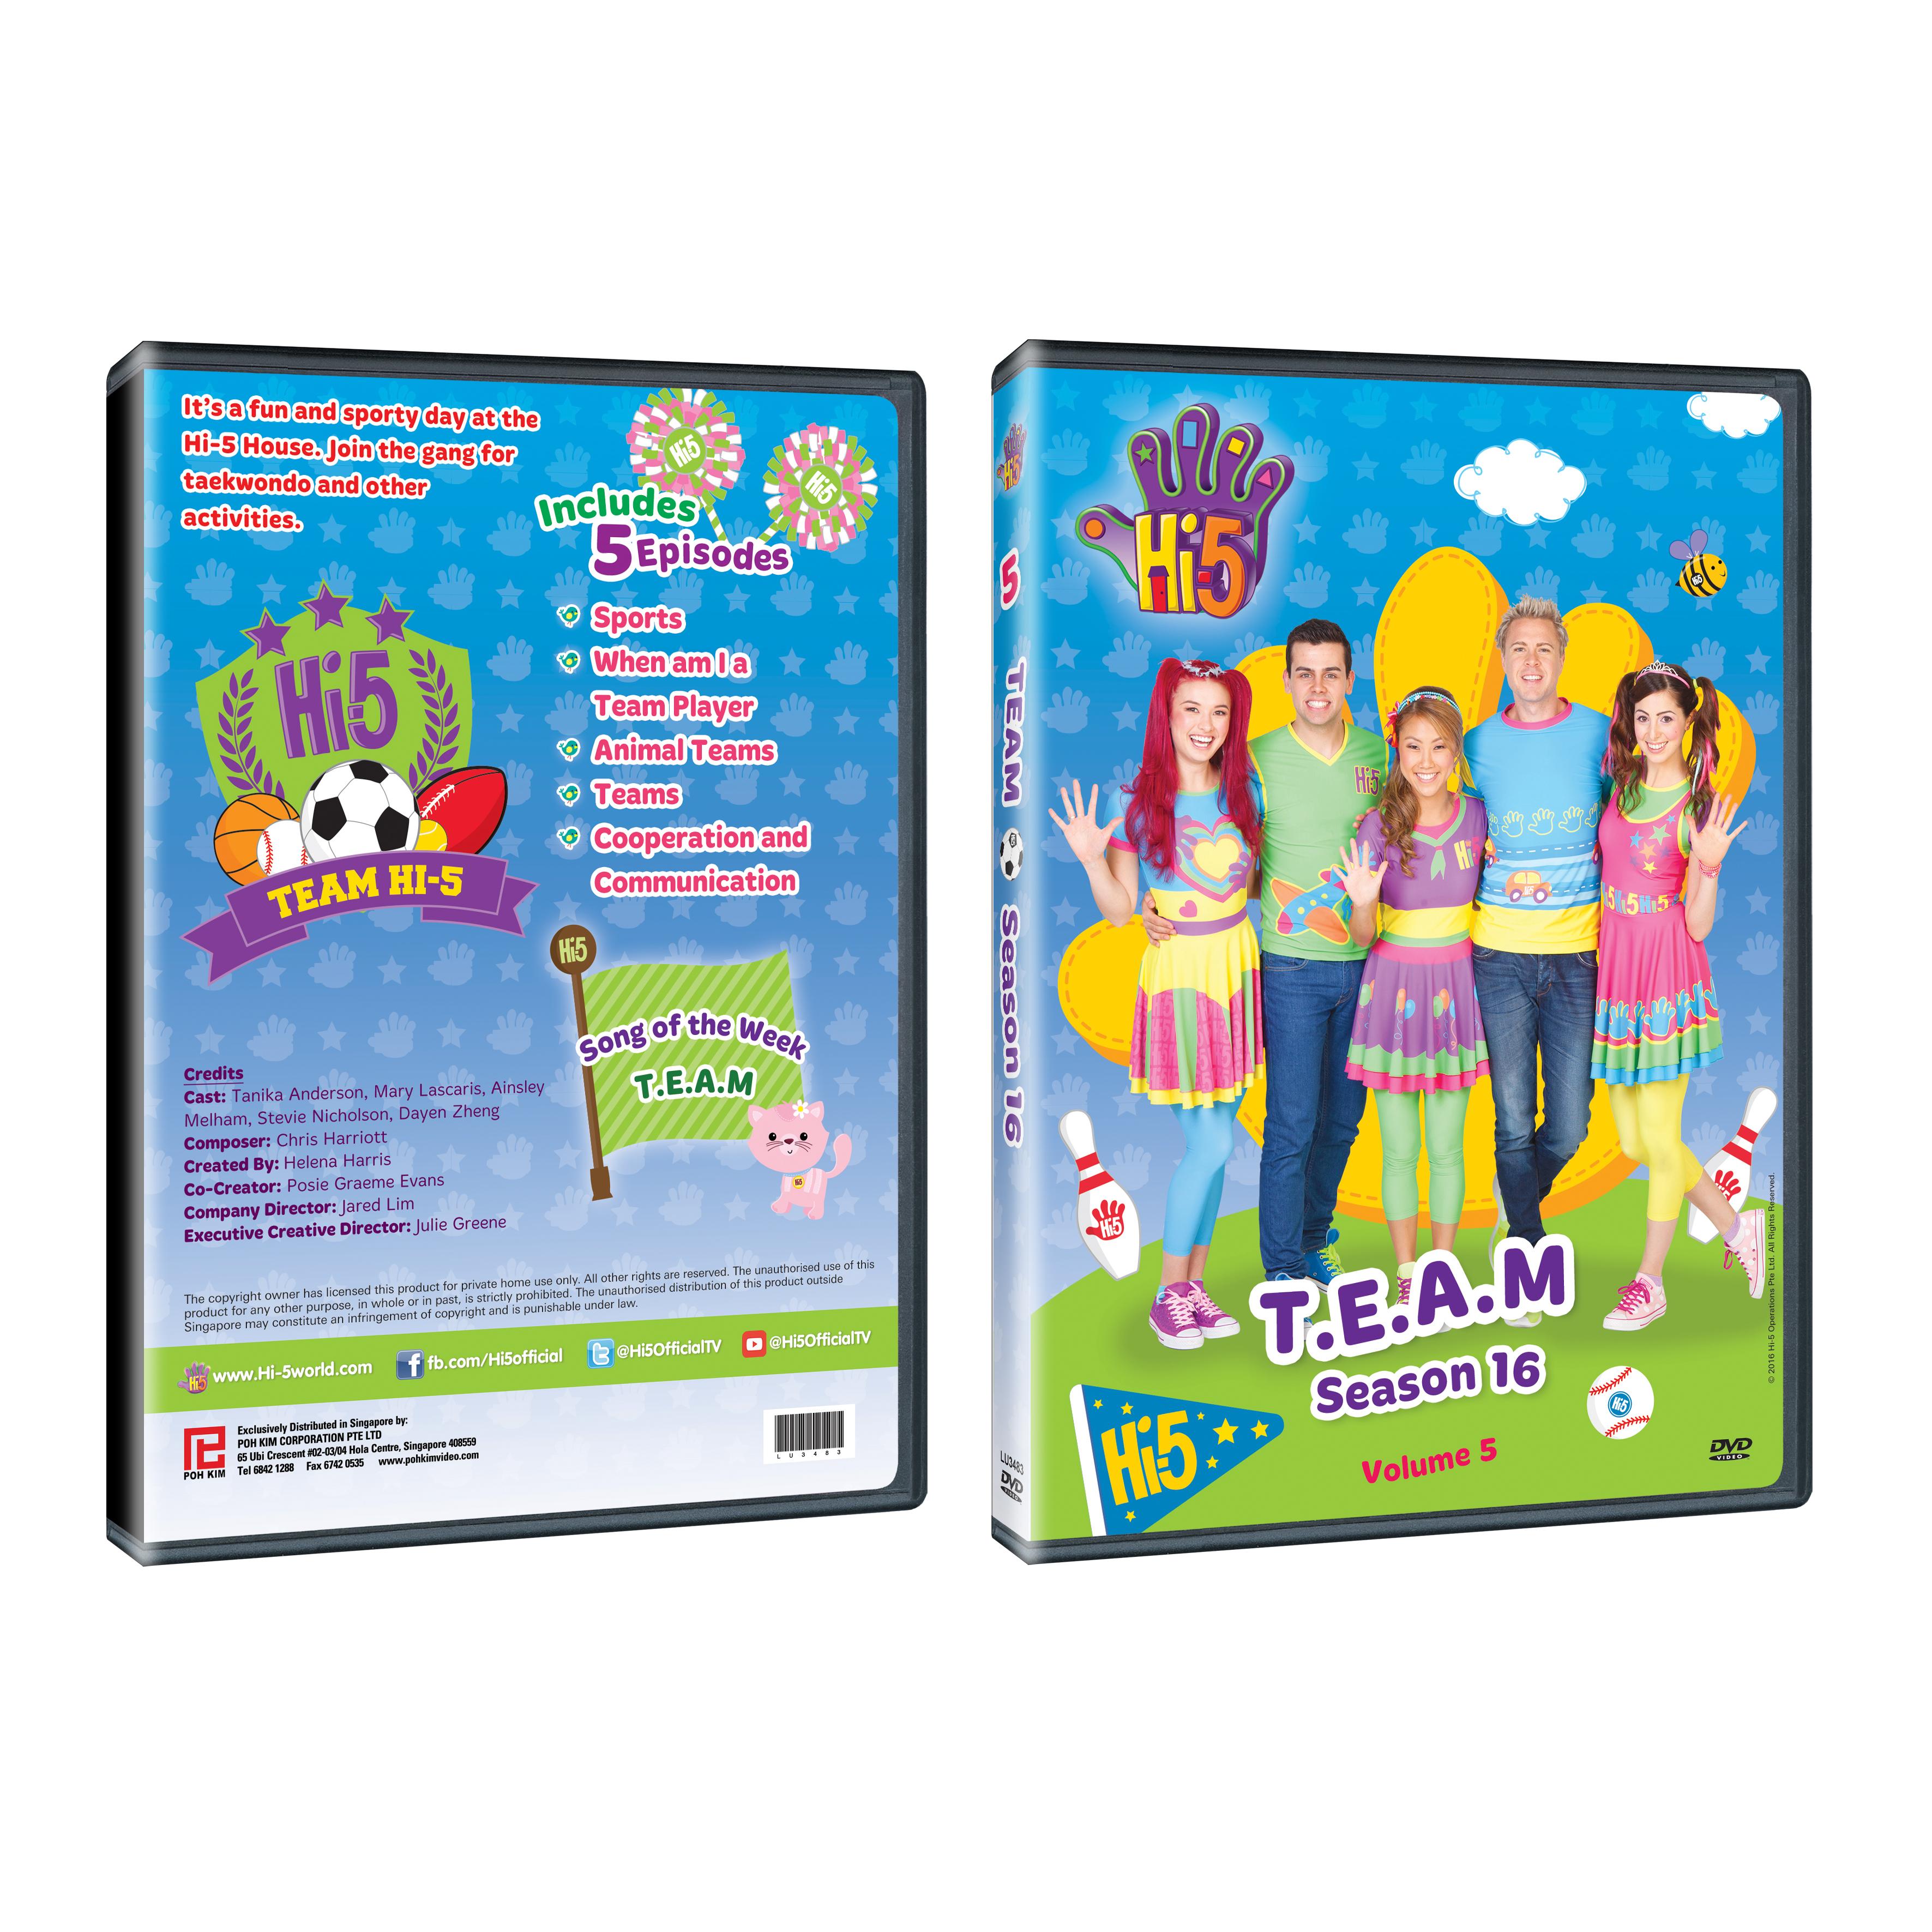 Hi-5 Season 16 Volume 5 : T E A M (DVD)